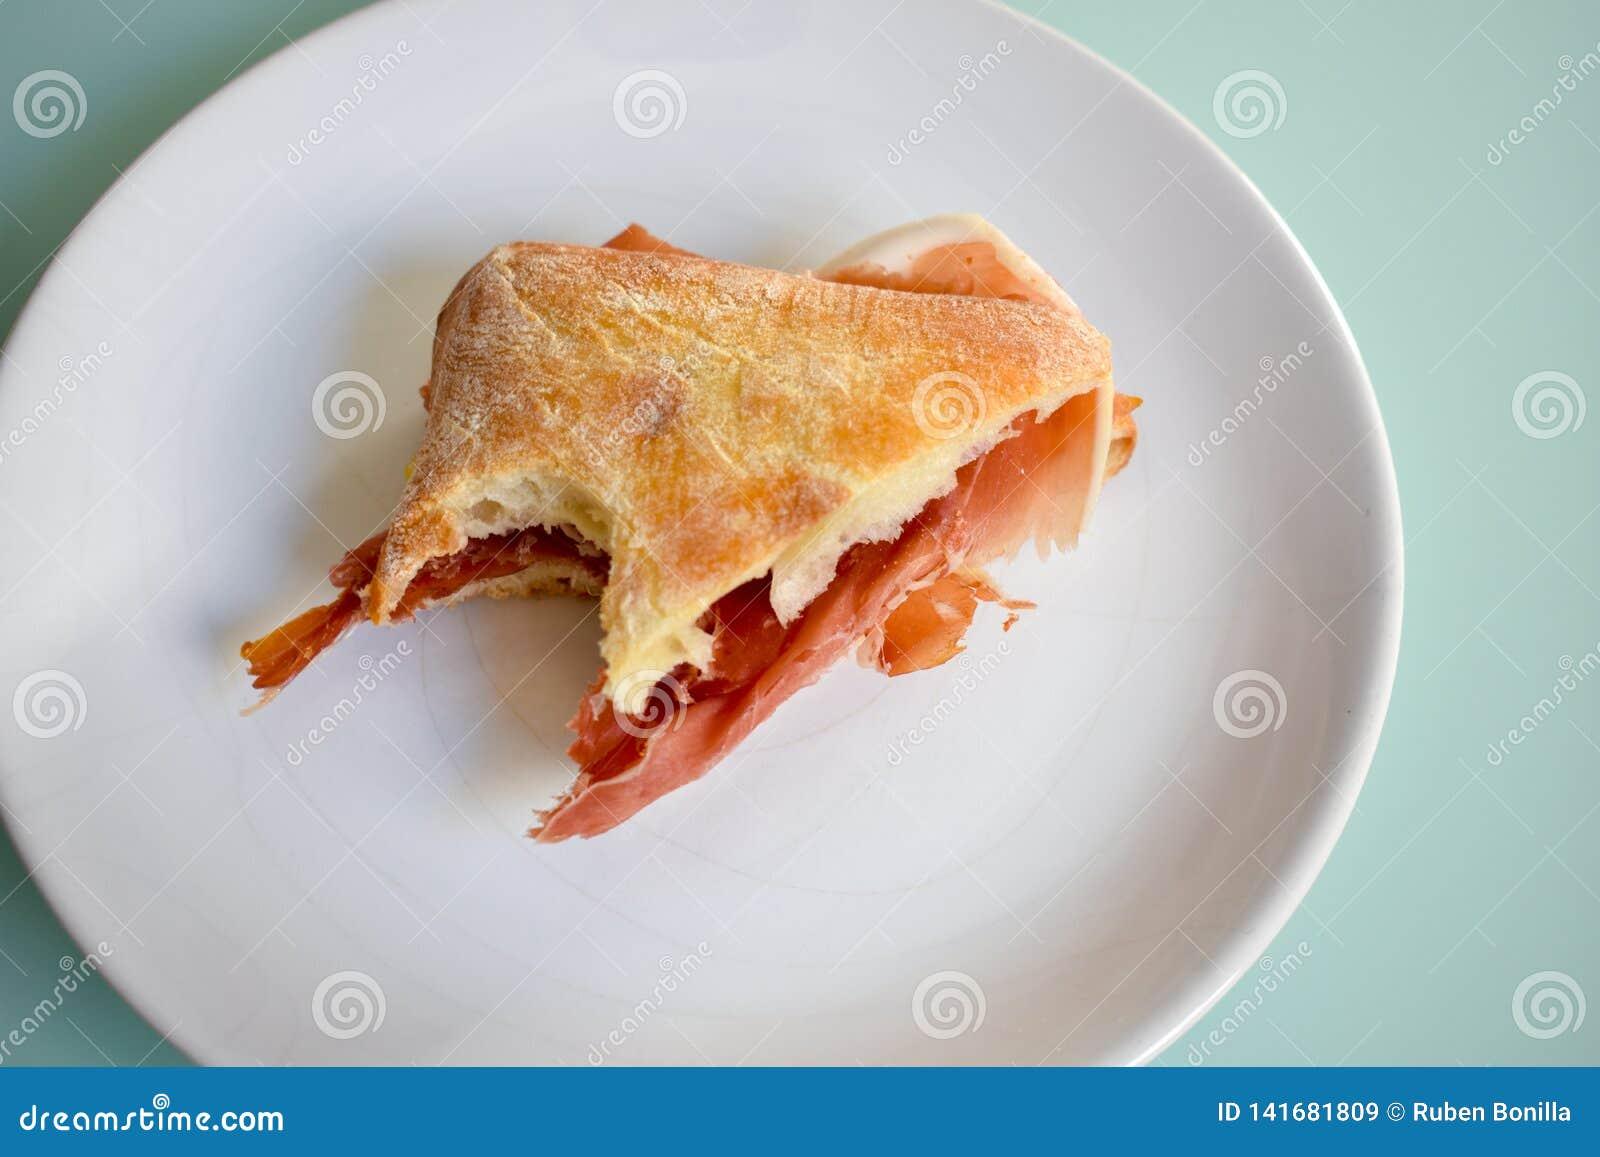 Een sandwich van de serranoham met een grote beet bij een hoek op een witte plaat op een kristallijst